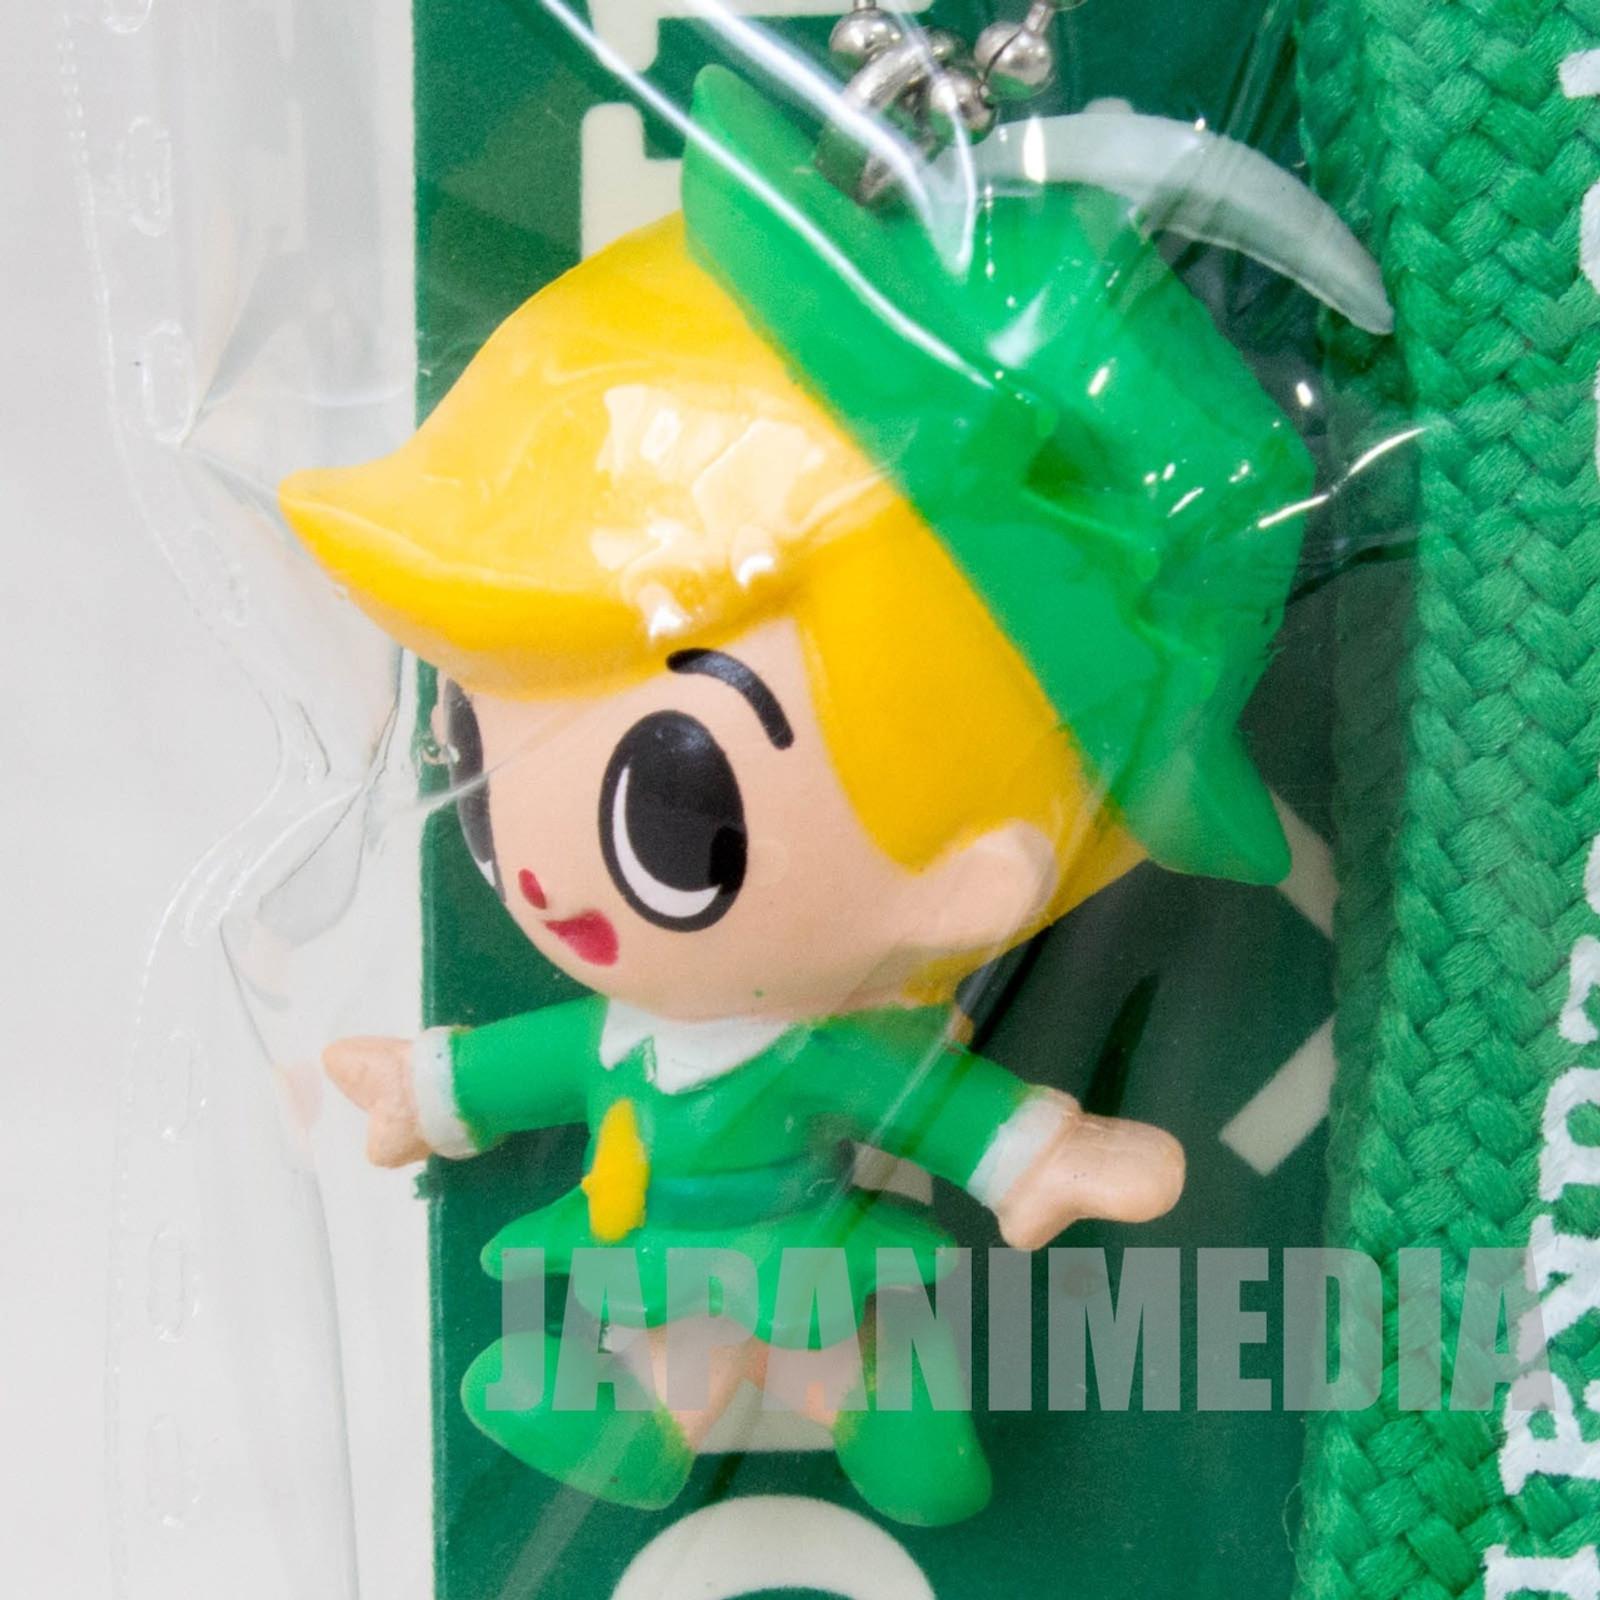 Princess Knight Tink Mascot Figure Strap XYLITOL 10th Anniversary Tezuka Osamu JAPAN ANIME